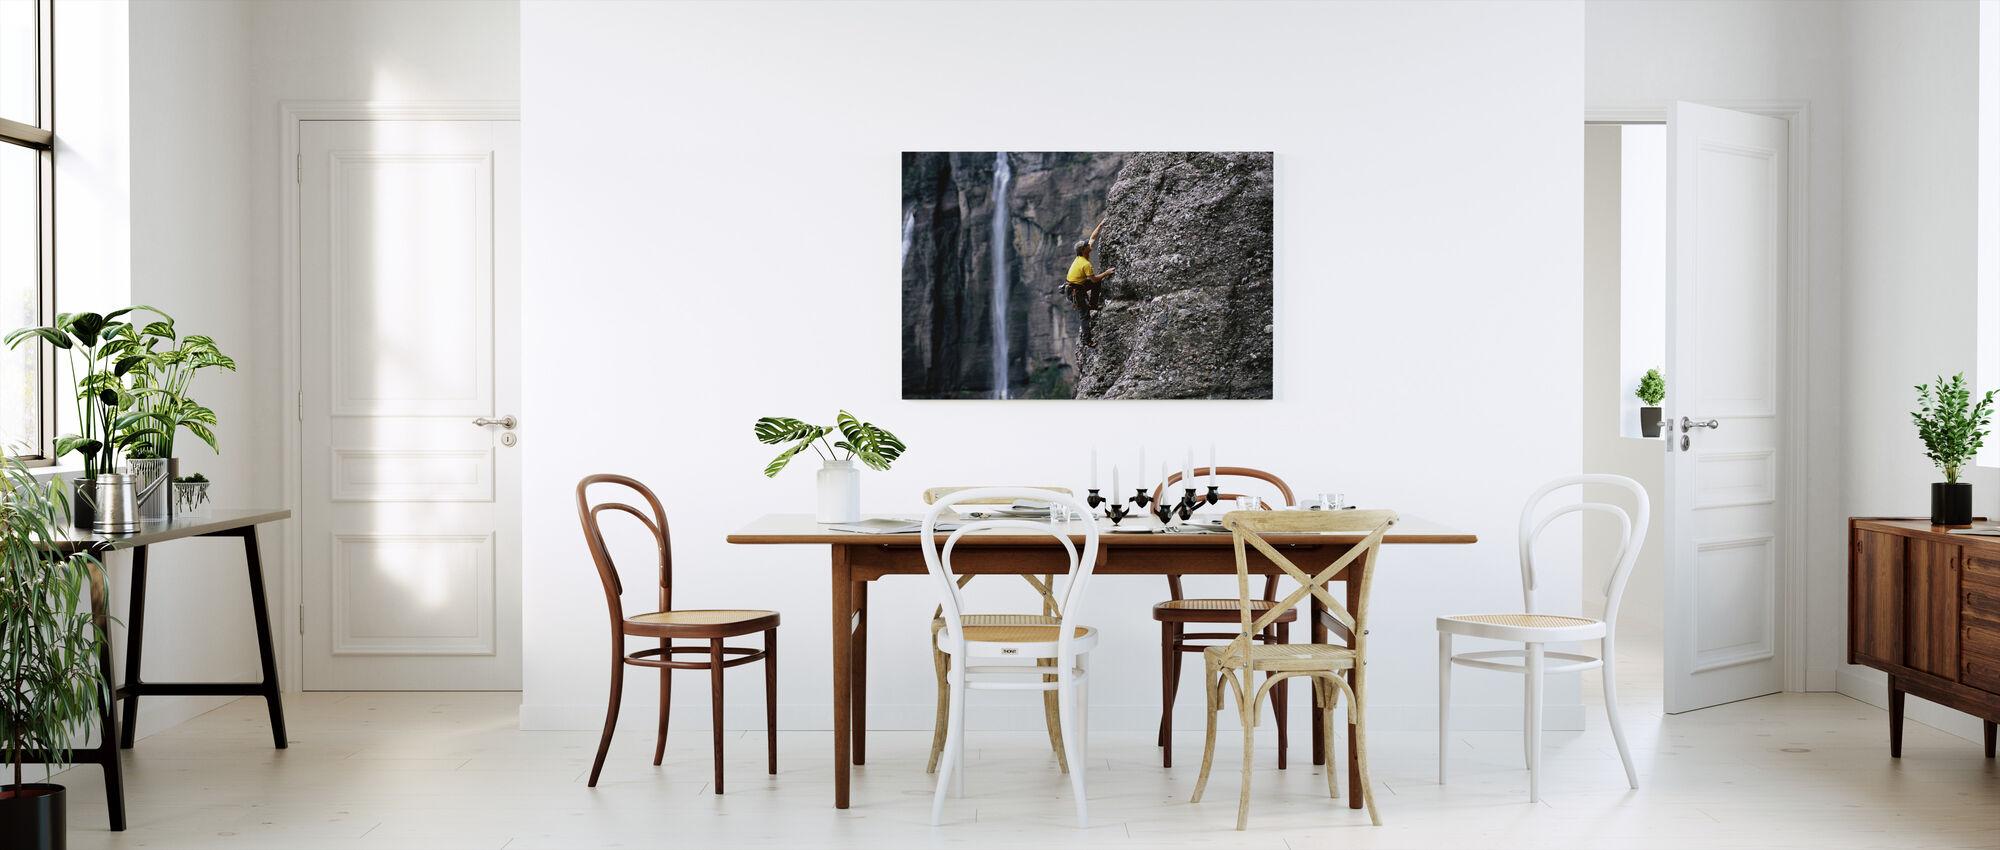 Kalliokiipeilyä morsiamen huntu Falls - Canvastaulu - Keittiö